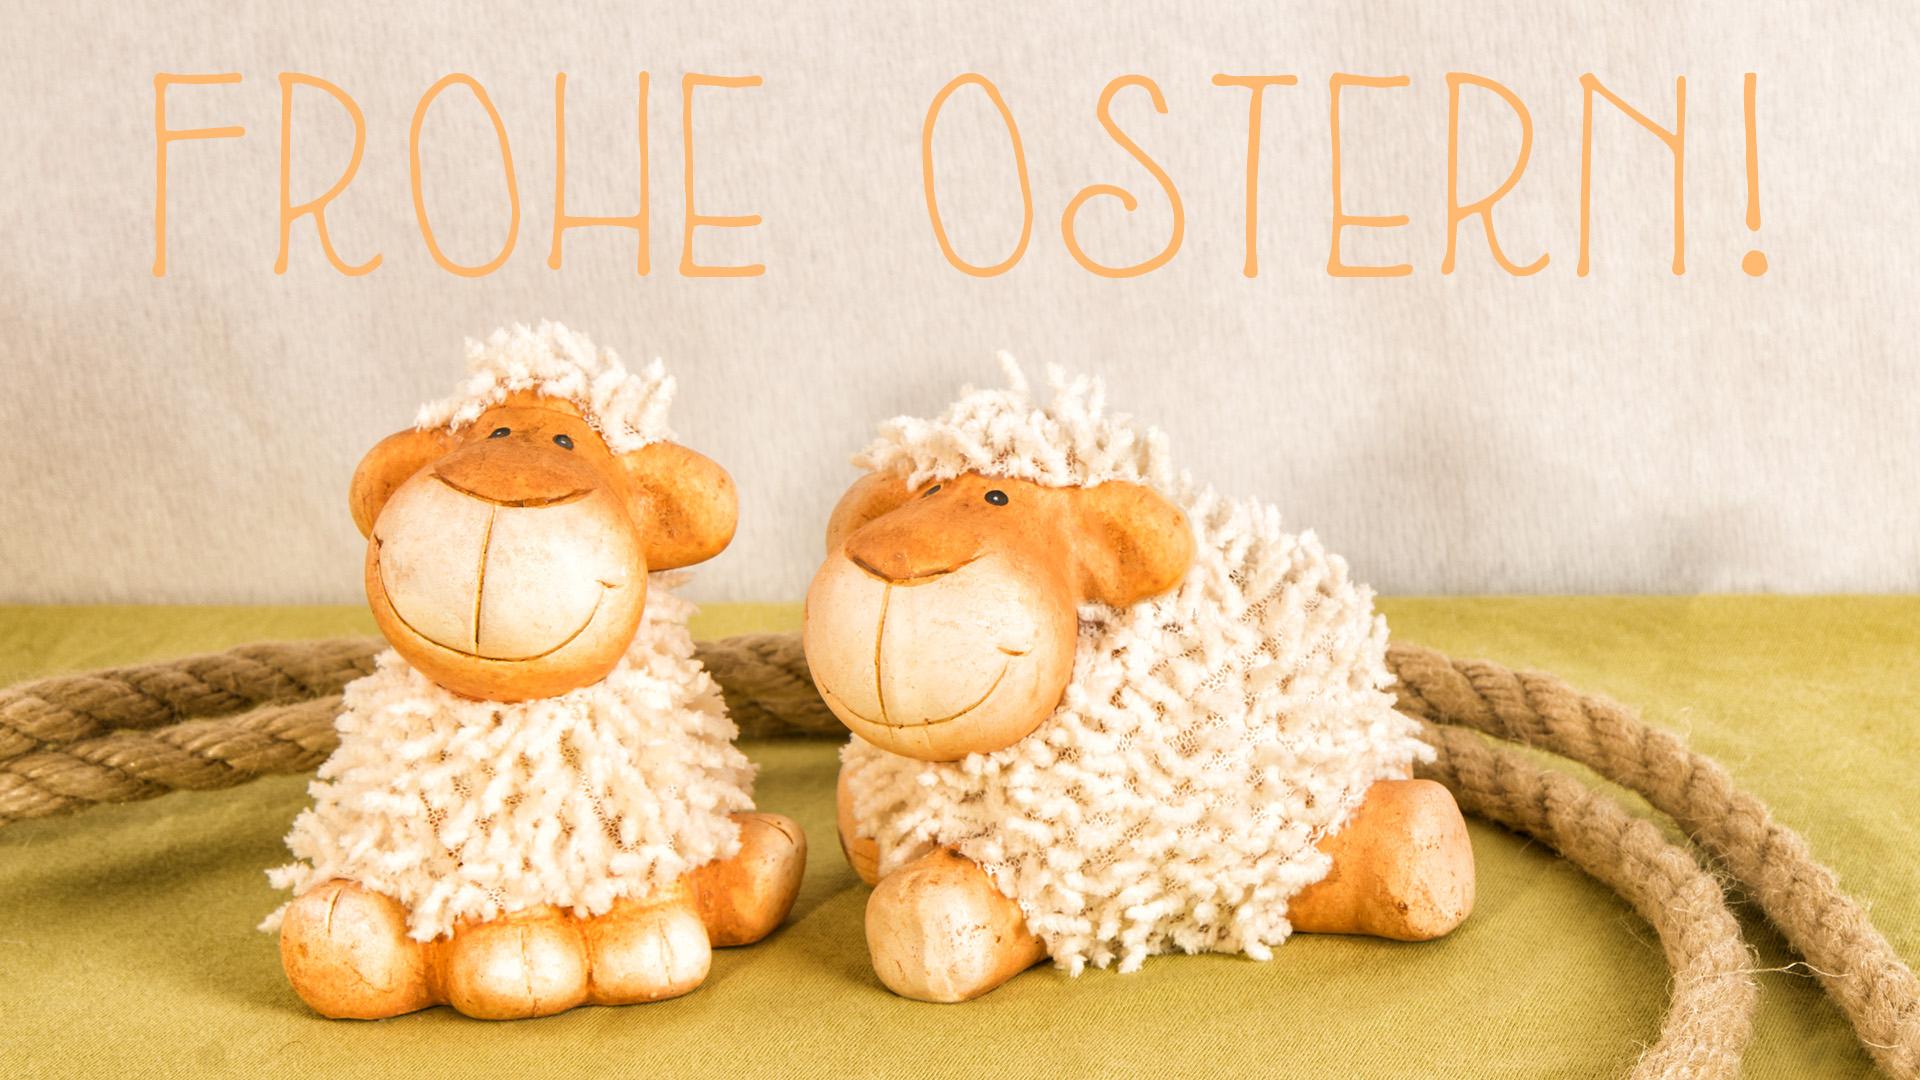 Frohe ostern hintergrundbilder - Wallpaper ostern ...